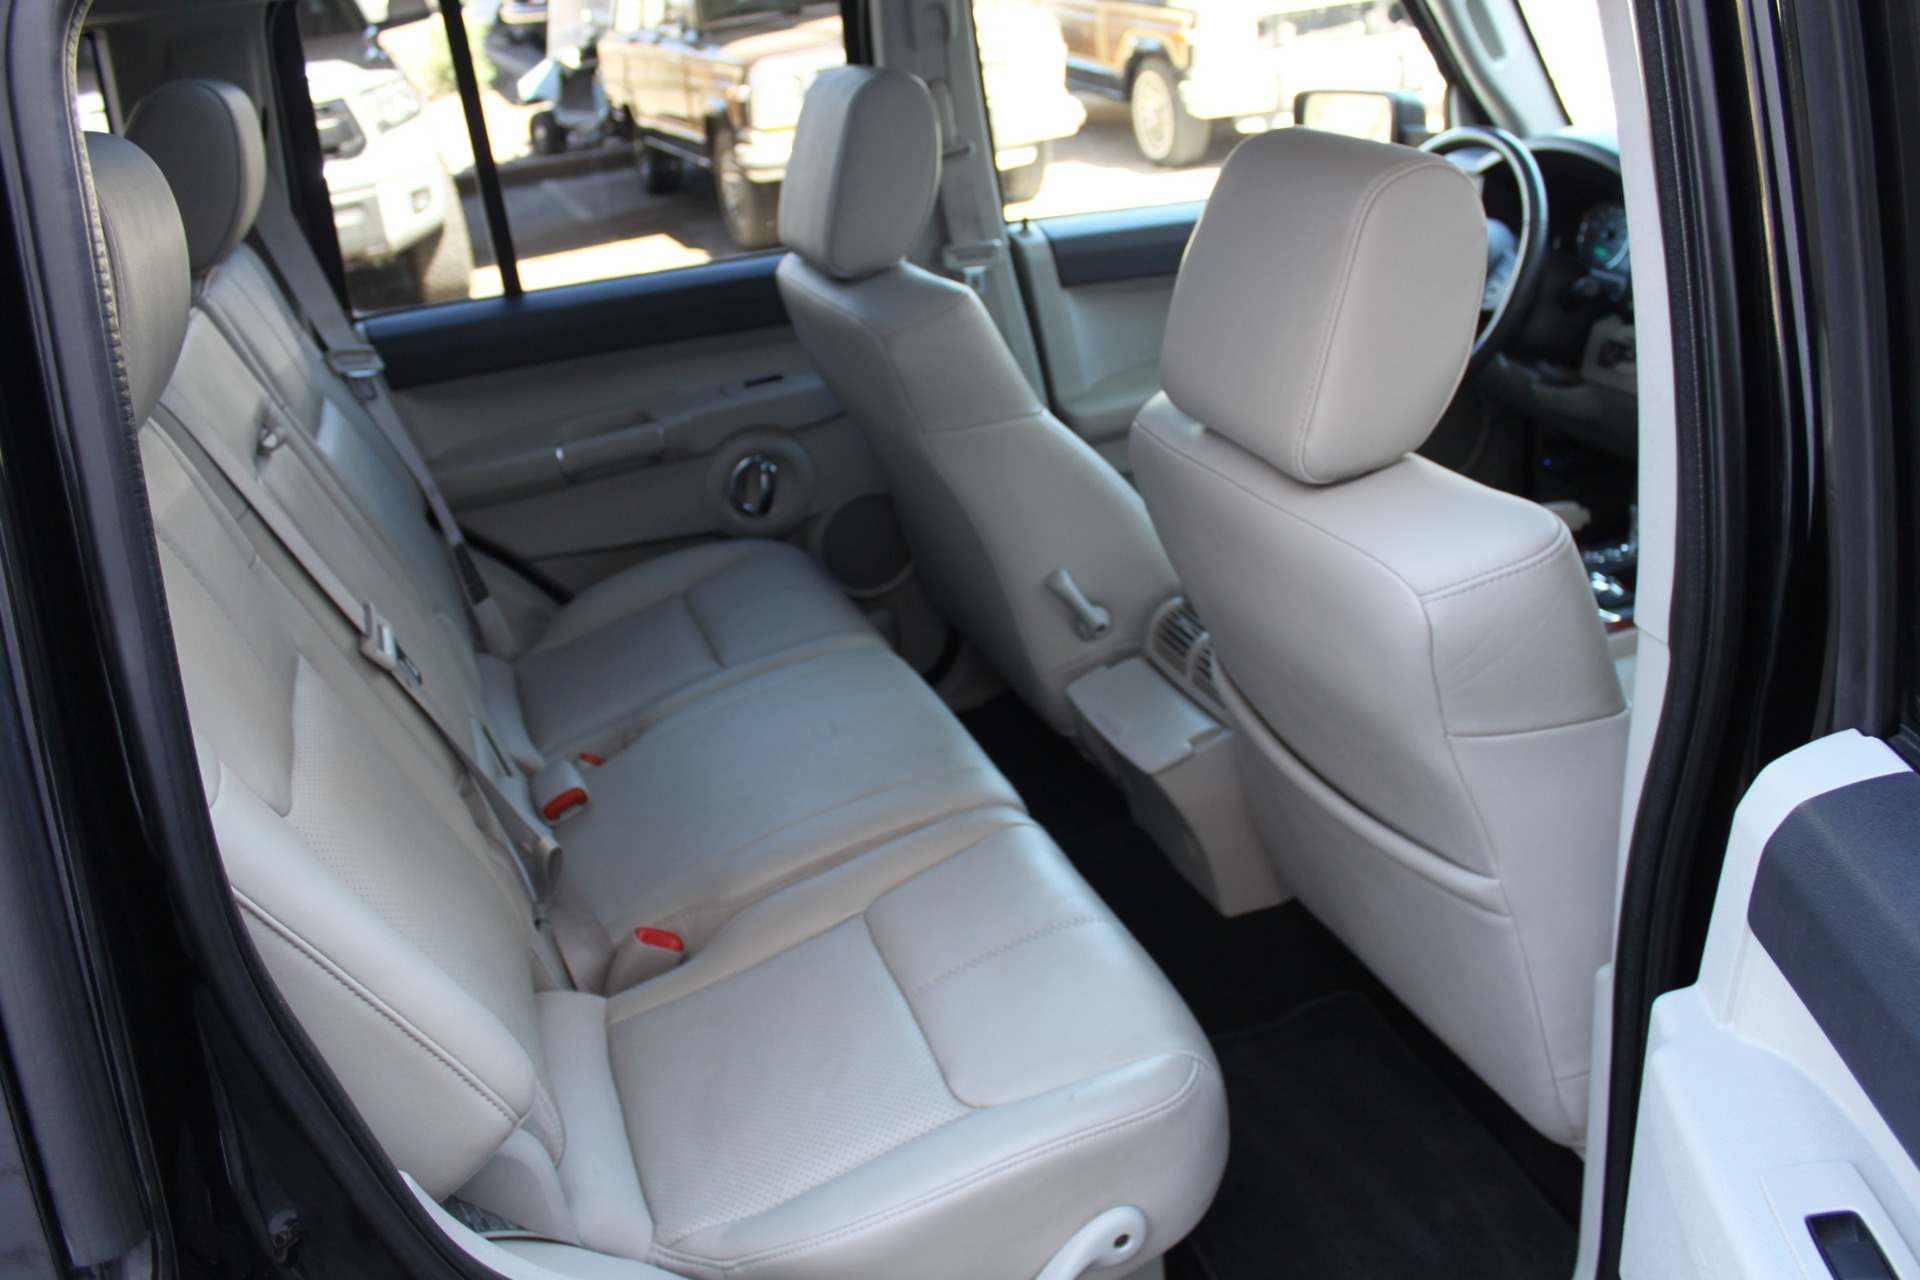 Used-2007-Jeep-Commander-Limited-Lexus